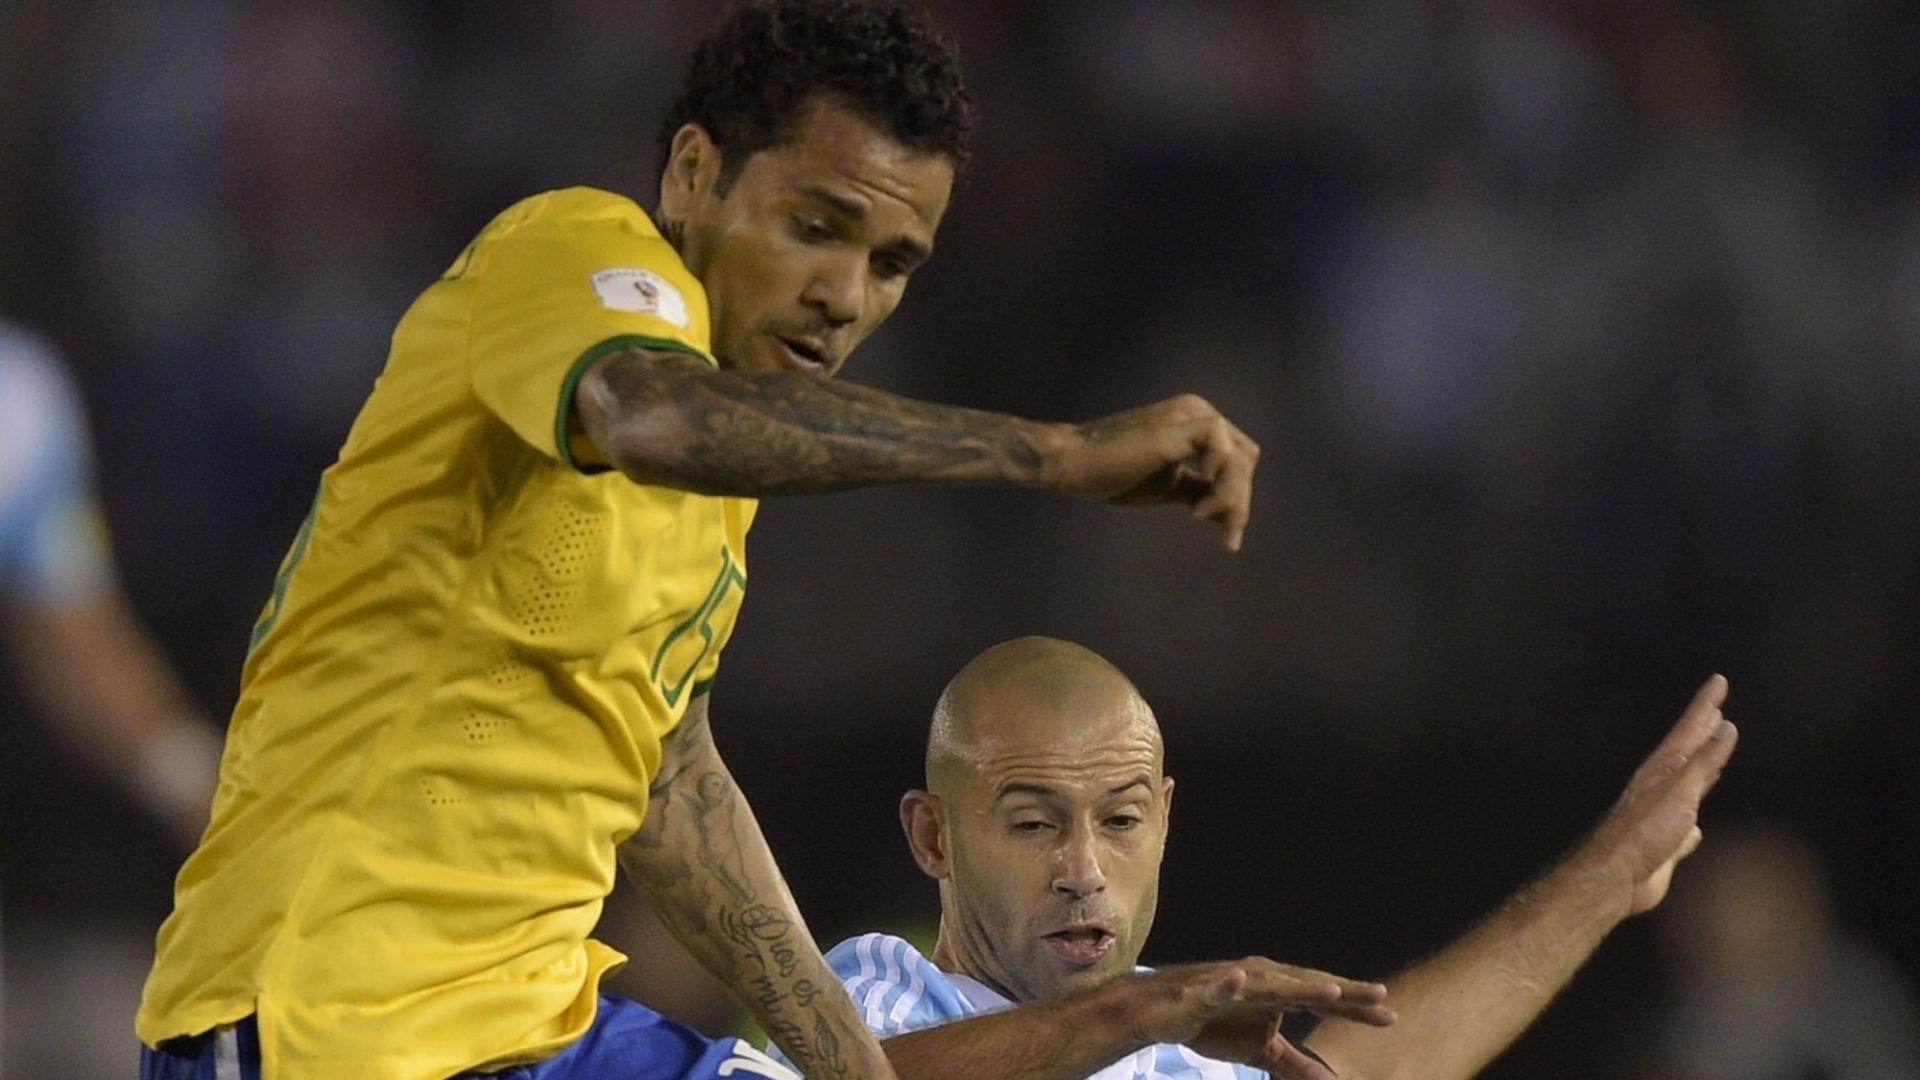 Daniel Alves disputa bola com Mascherano na partida do Brasil contra a Argentina pelas Eliminatórias